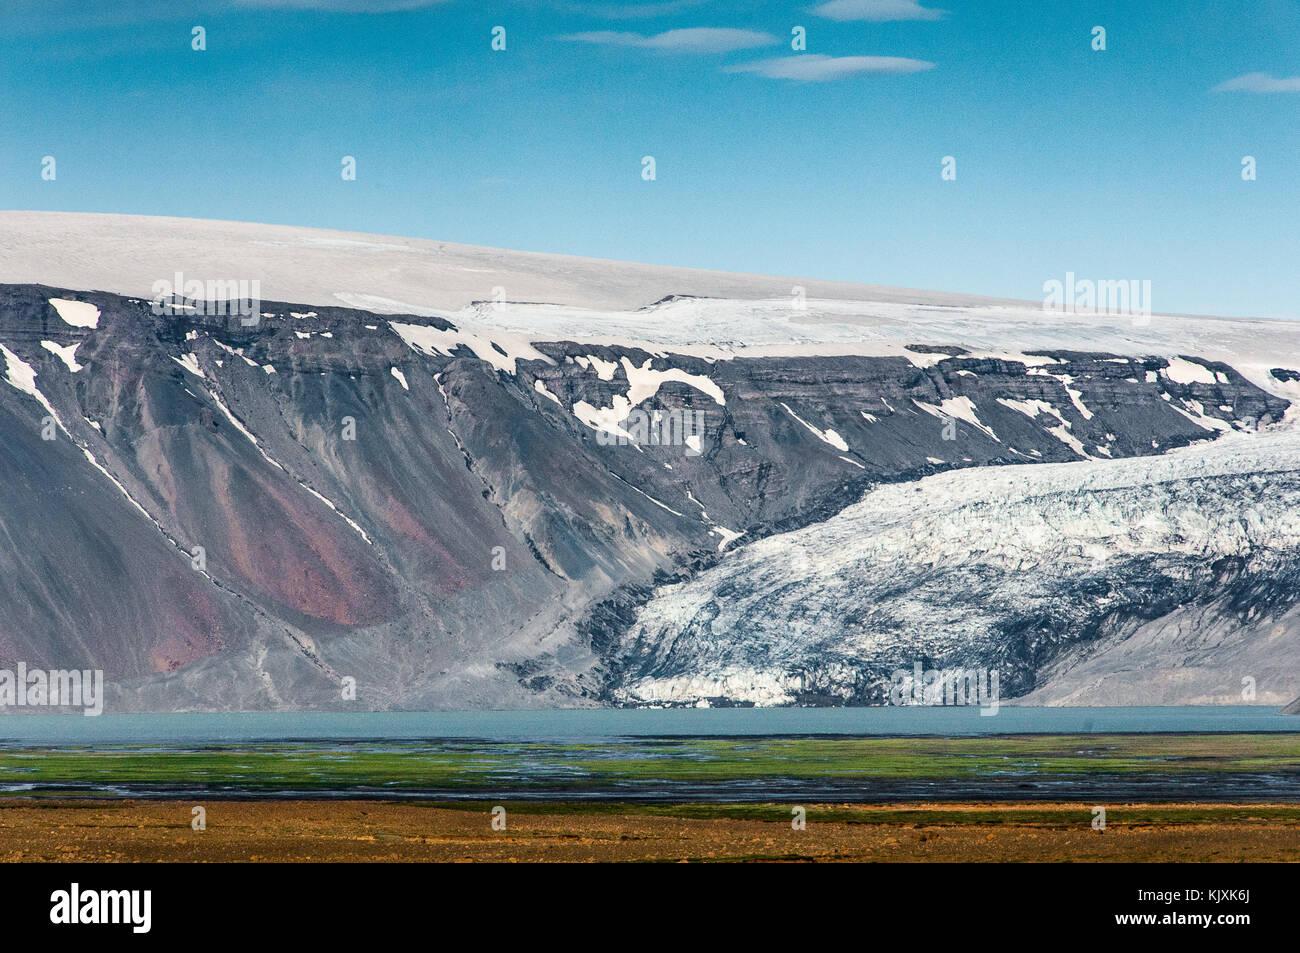 Ein Gletscher stammt von einem Ice Cap zu einem See in der Nähe der F35 Road im Zentrum von Island Stockbild